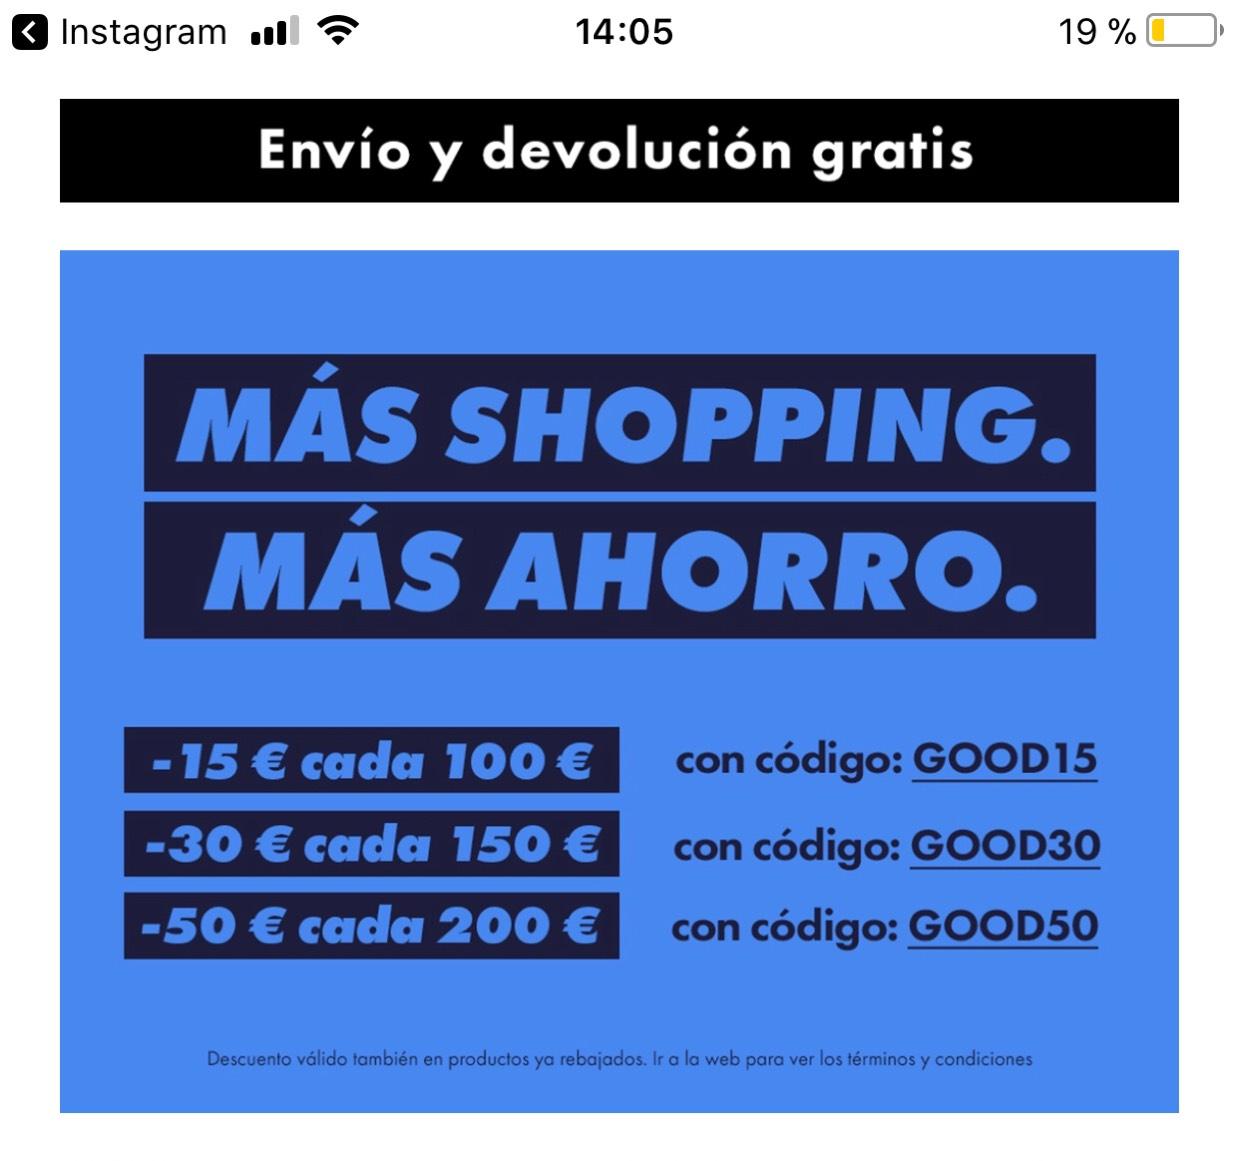 Codigo de descuento en asos, dependiendo del importe descuento de 15, 30 o 50 euros.